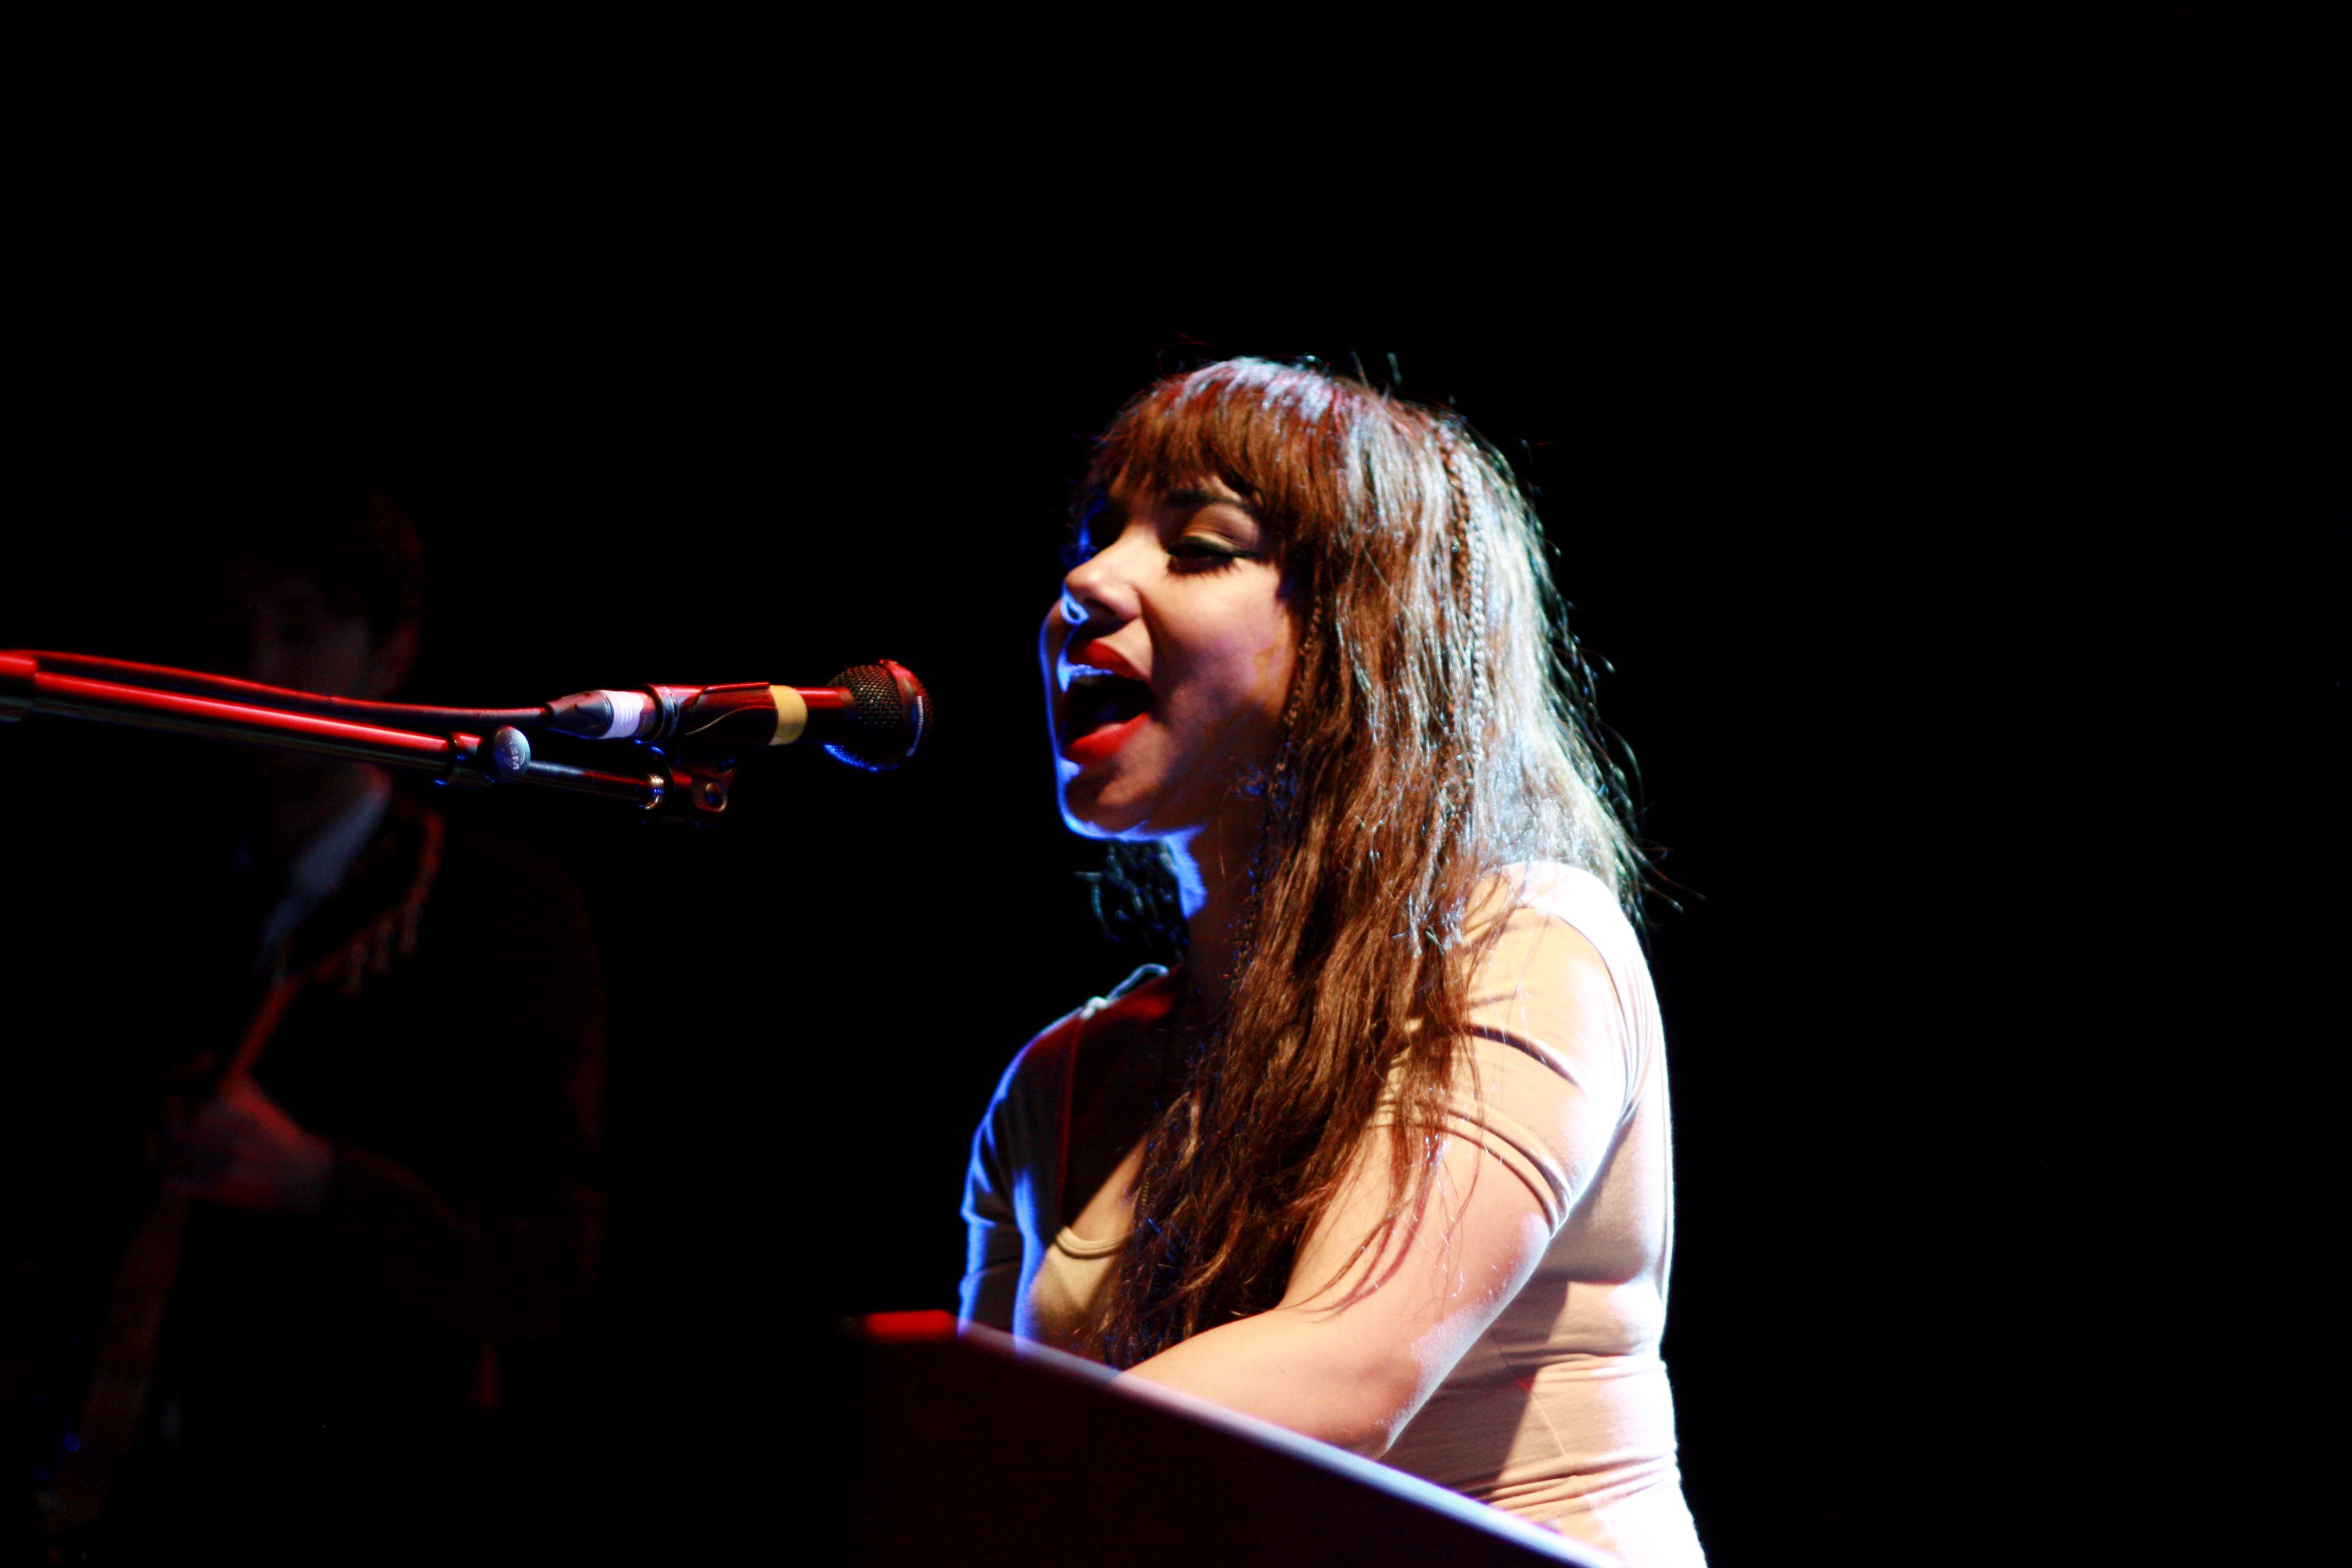 Myspace_Event_15.03.12_Layla Smethurst 67